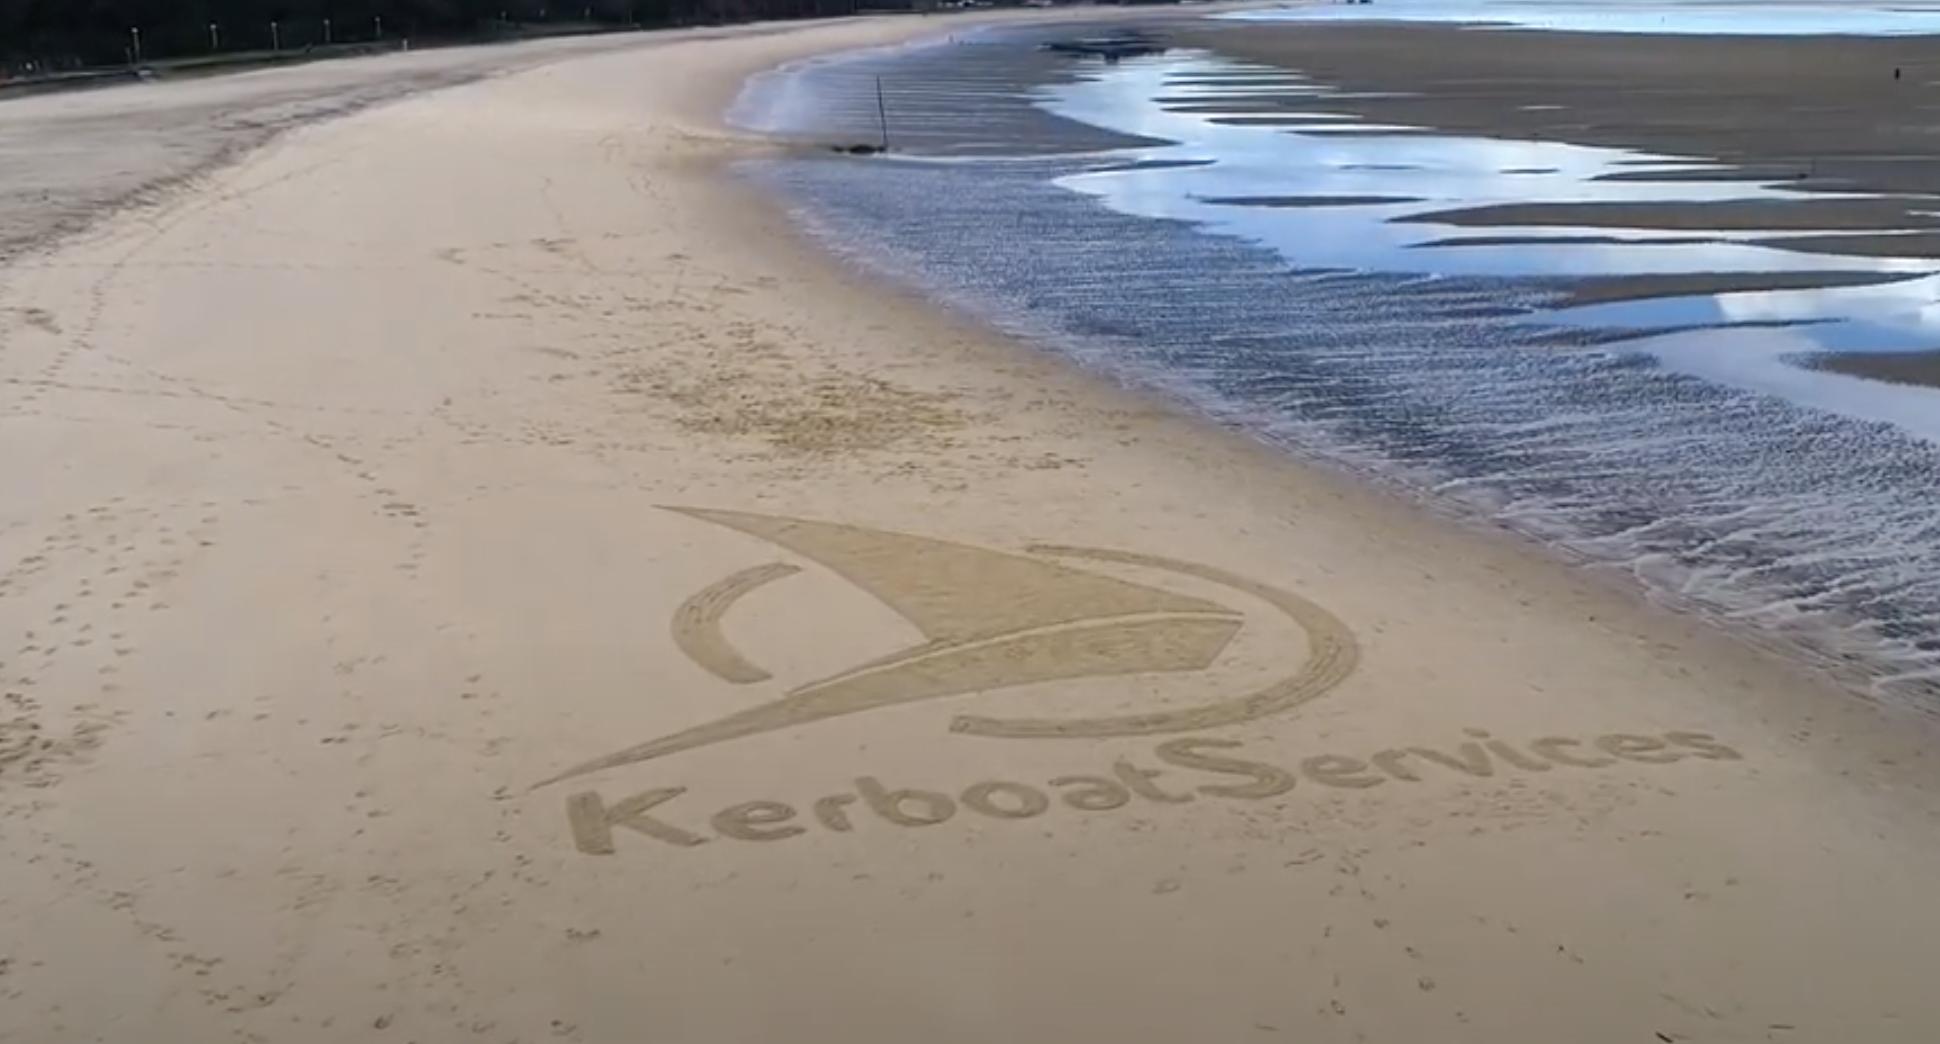 Kerboat